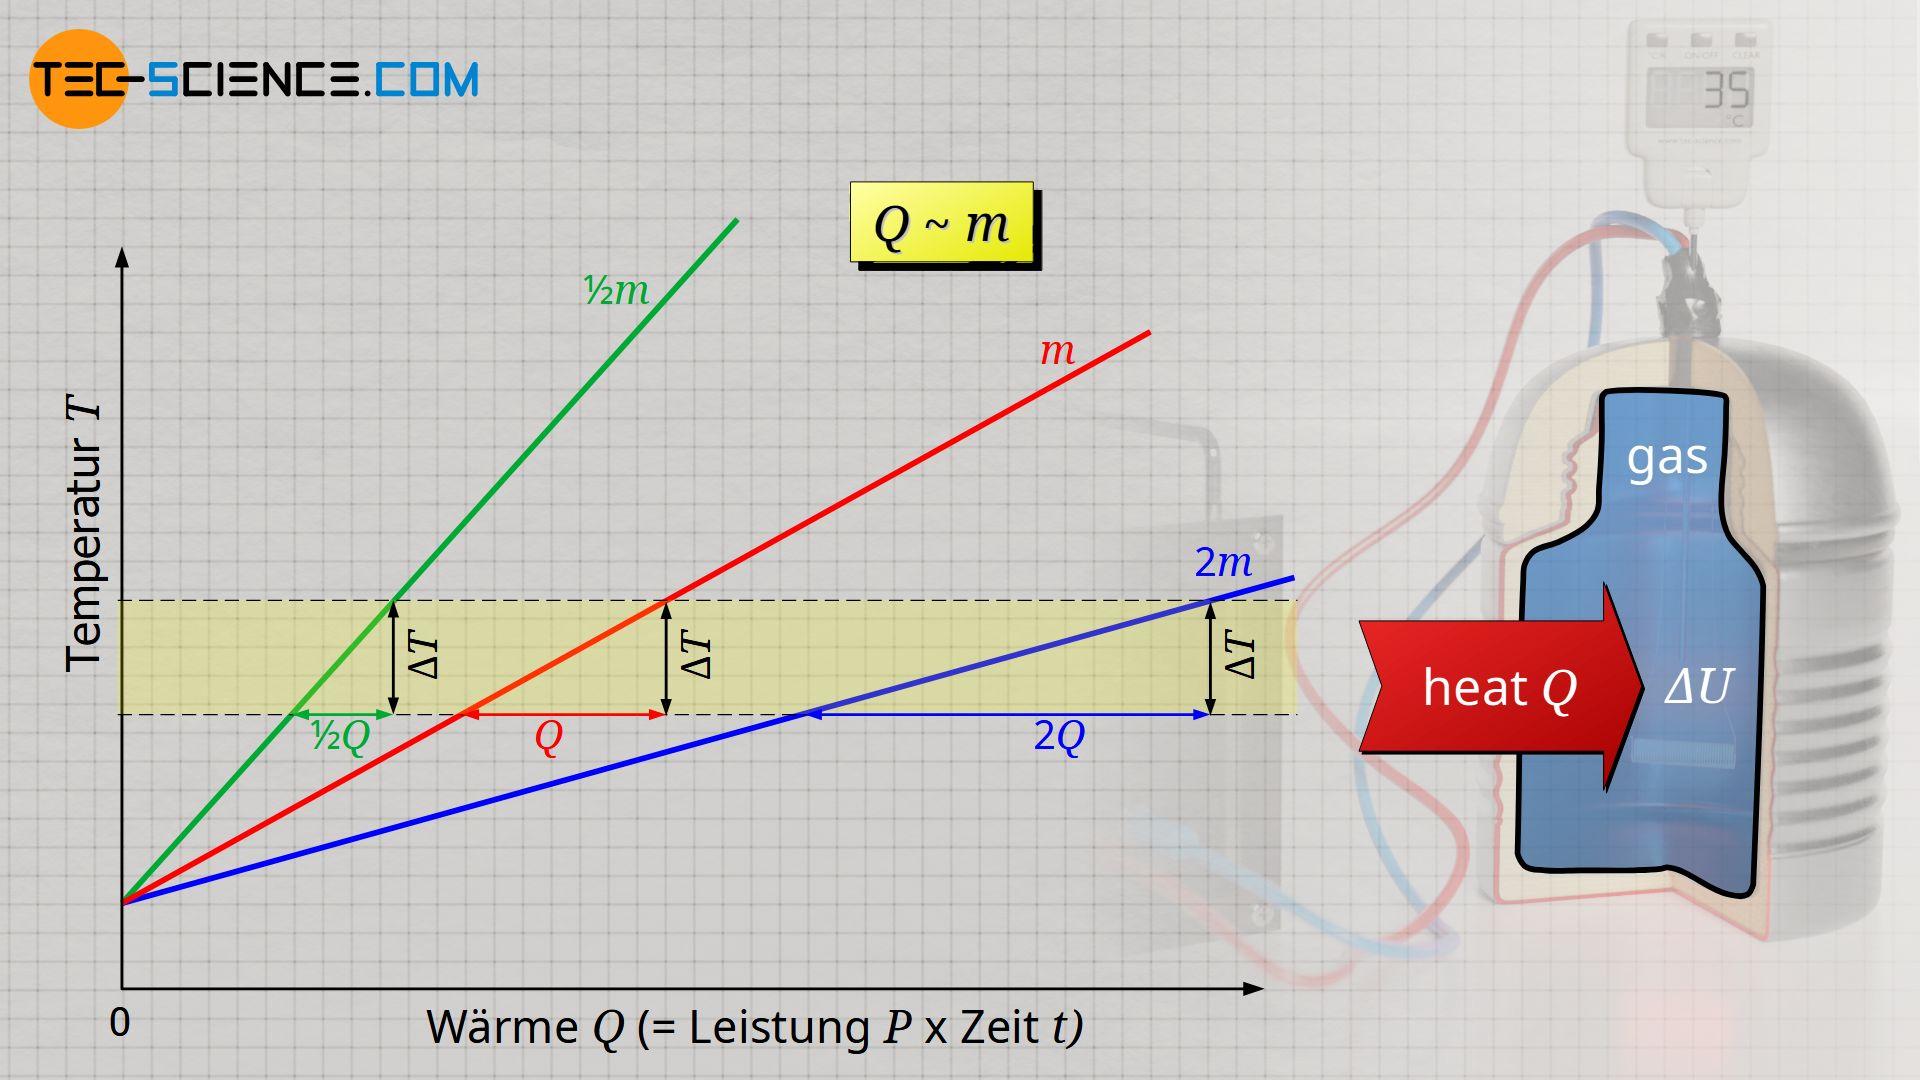 Proportionalität zwischen Wärme und Masse bei konstanter Temperaturänderung